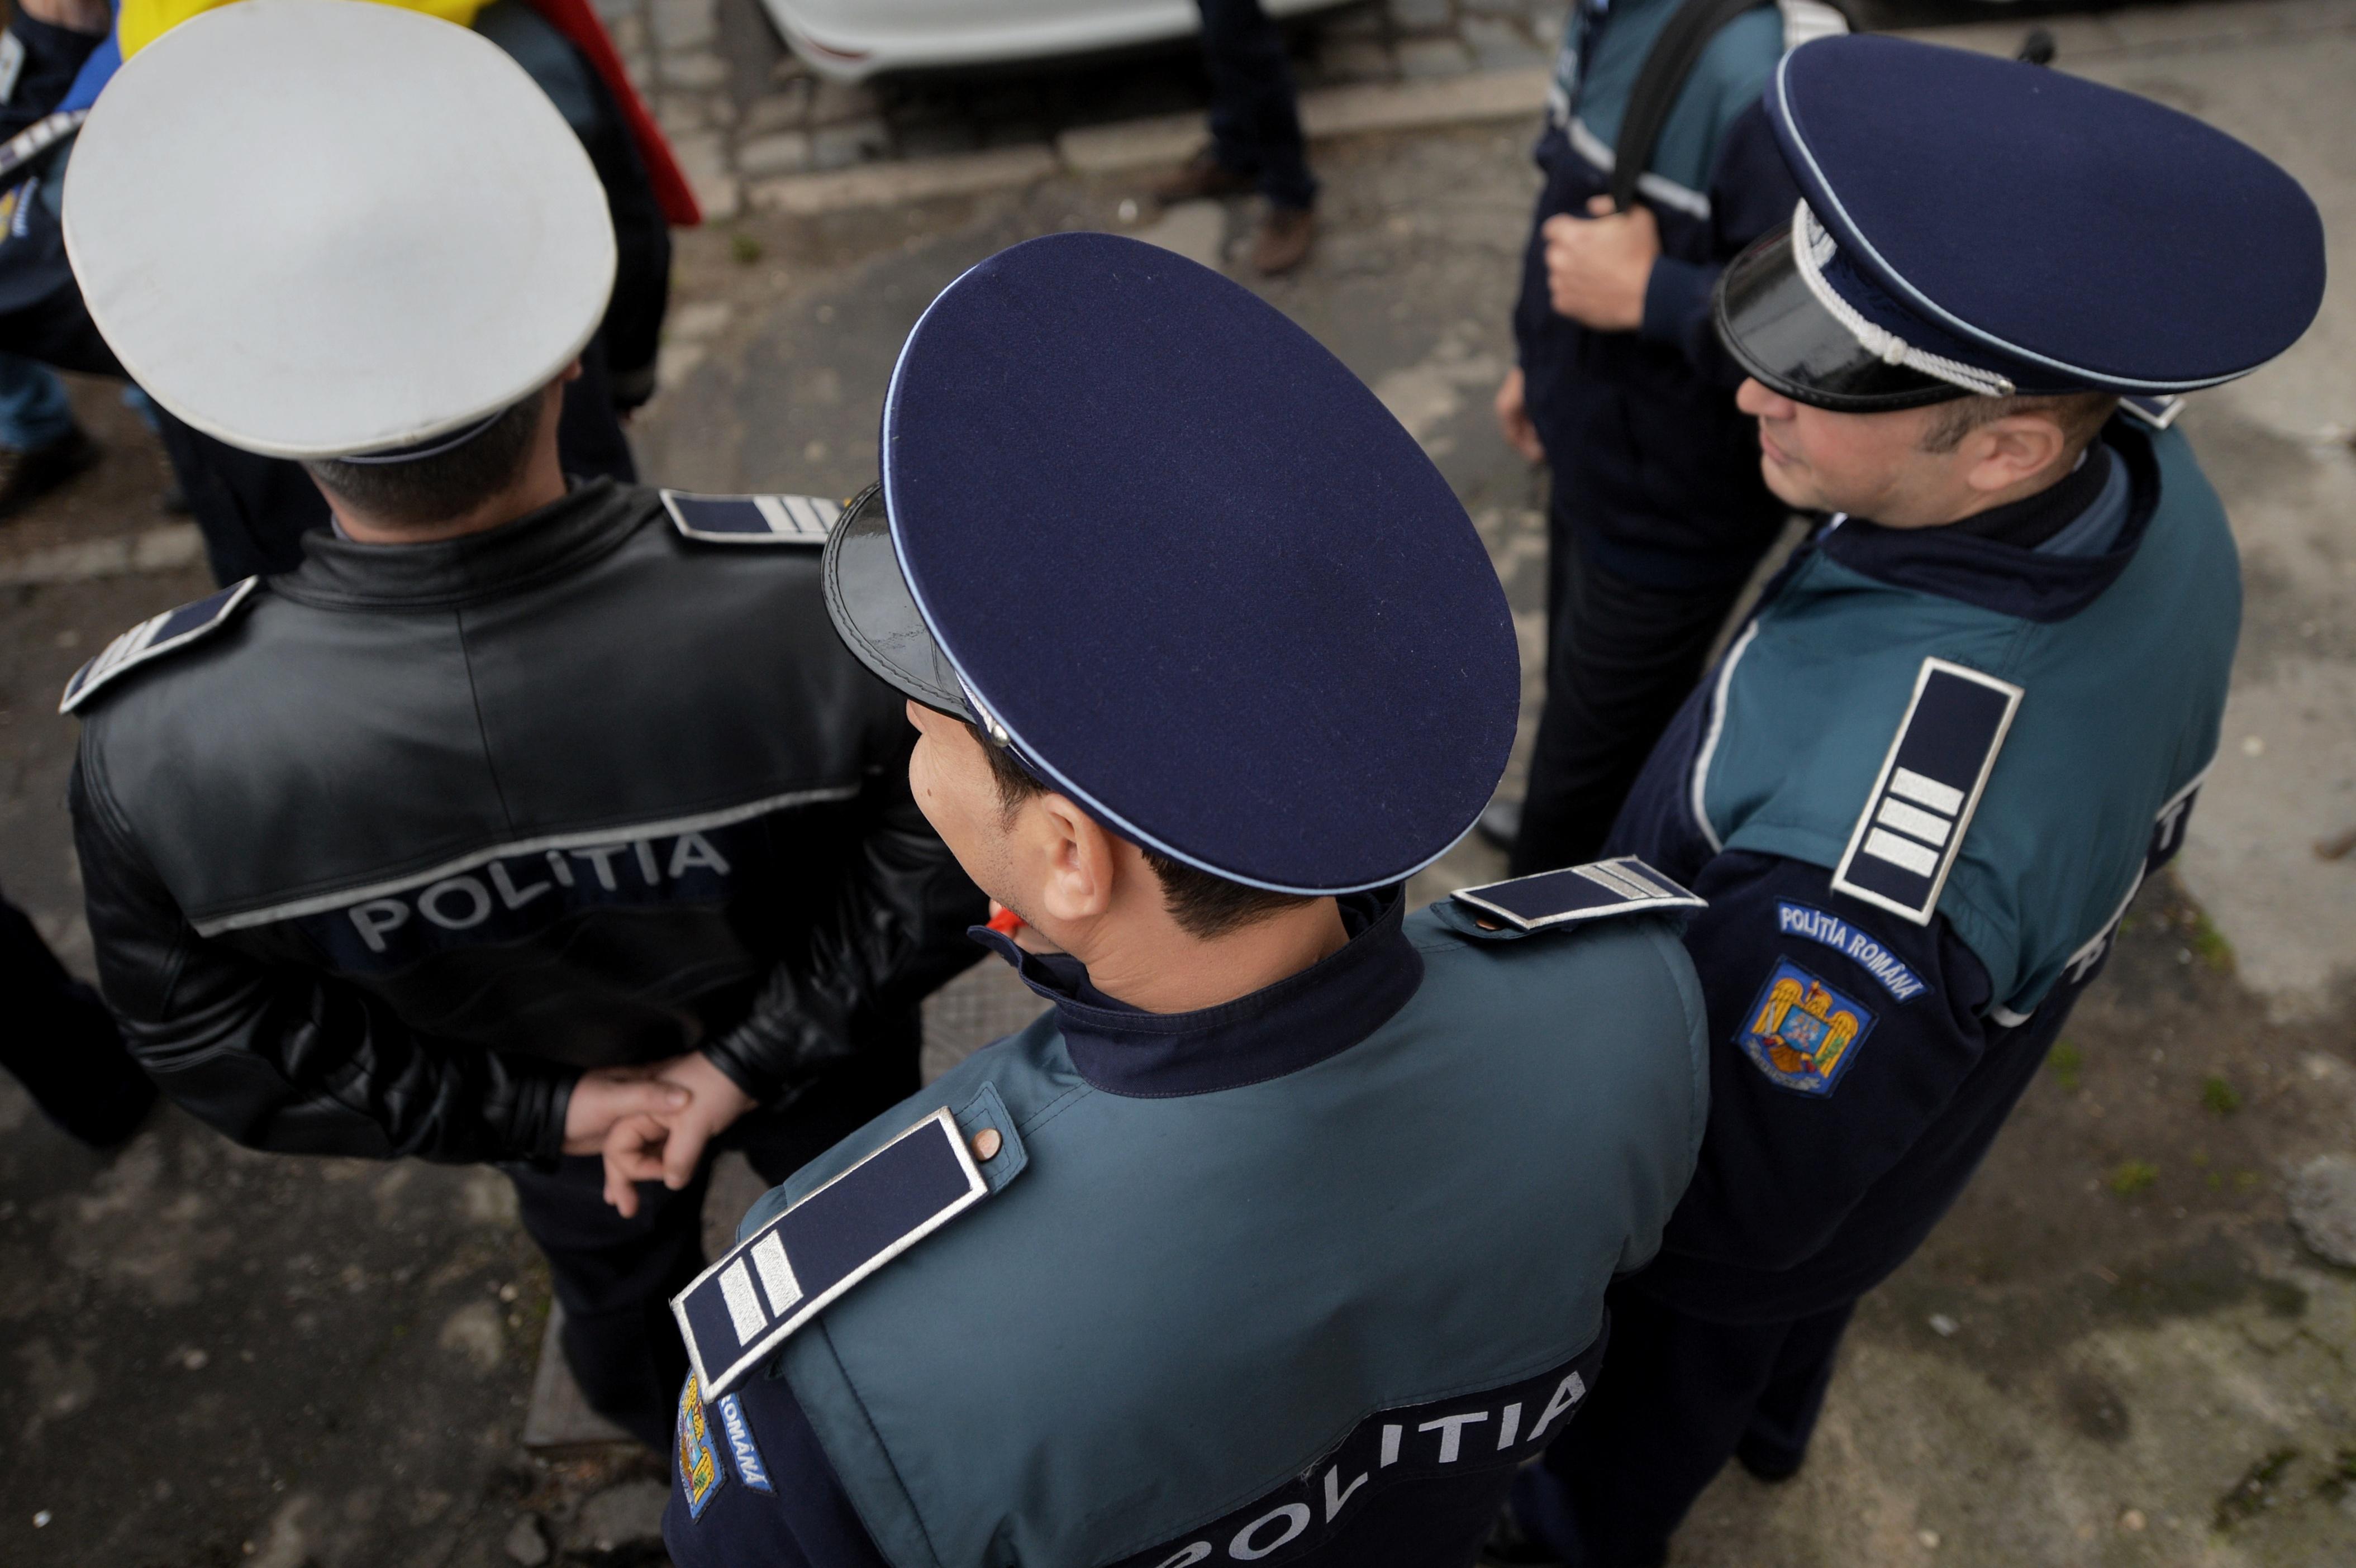 Protest al poliţiştilor şi angajaţilor ANP, în faţa sediului MAI, nemulţumiţi de subfinanţarea sistemului de ordine publică